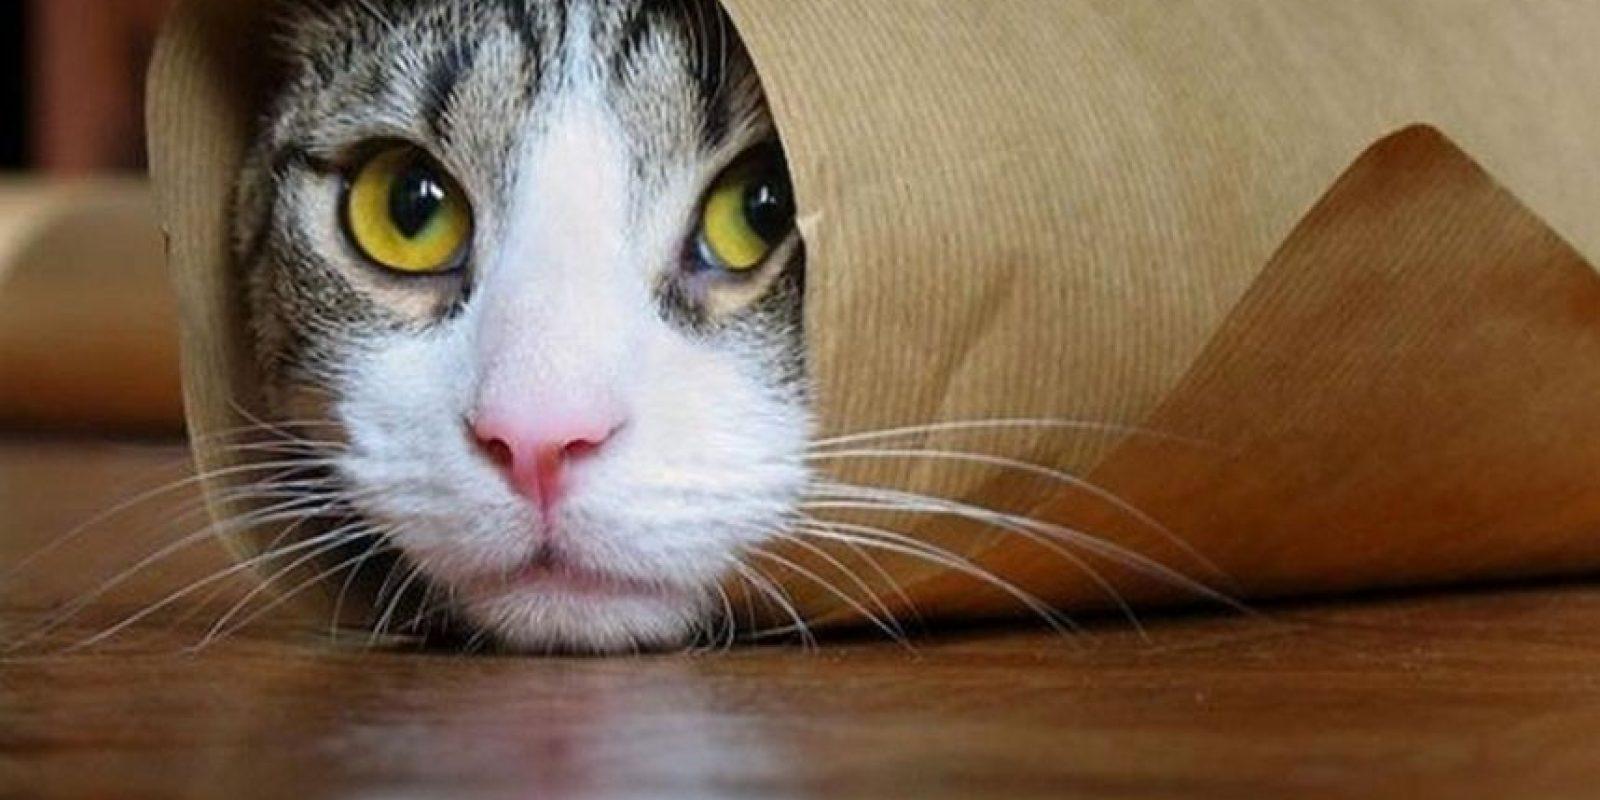 Estos gatos también pasaron por situaciones incómodas Foto:Pixabay